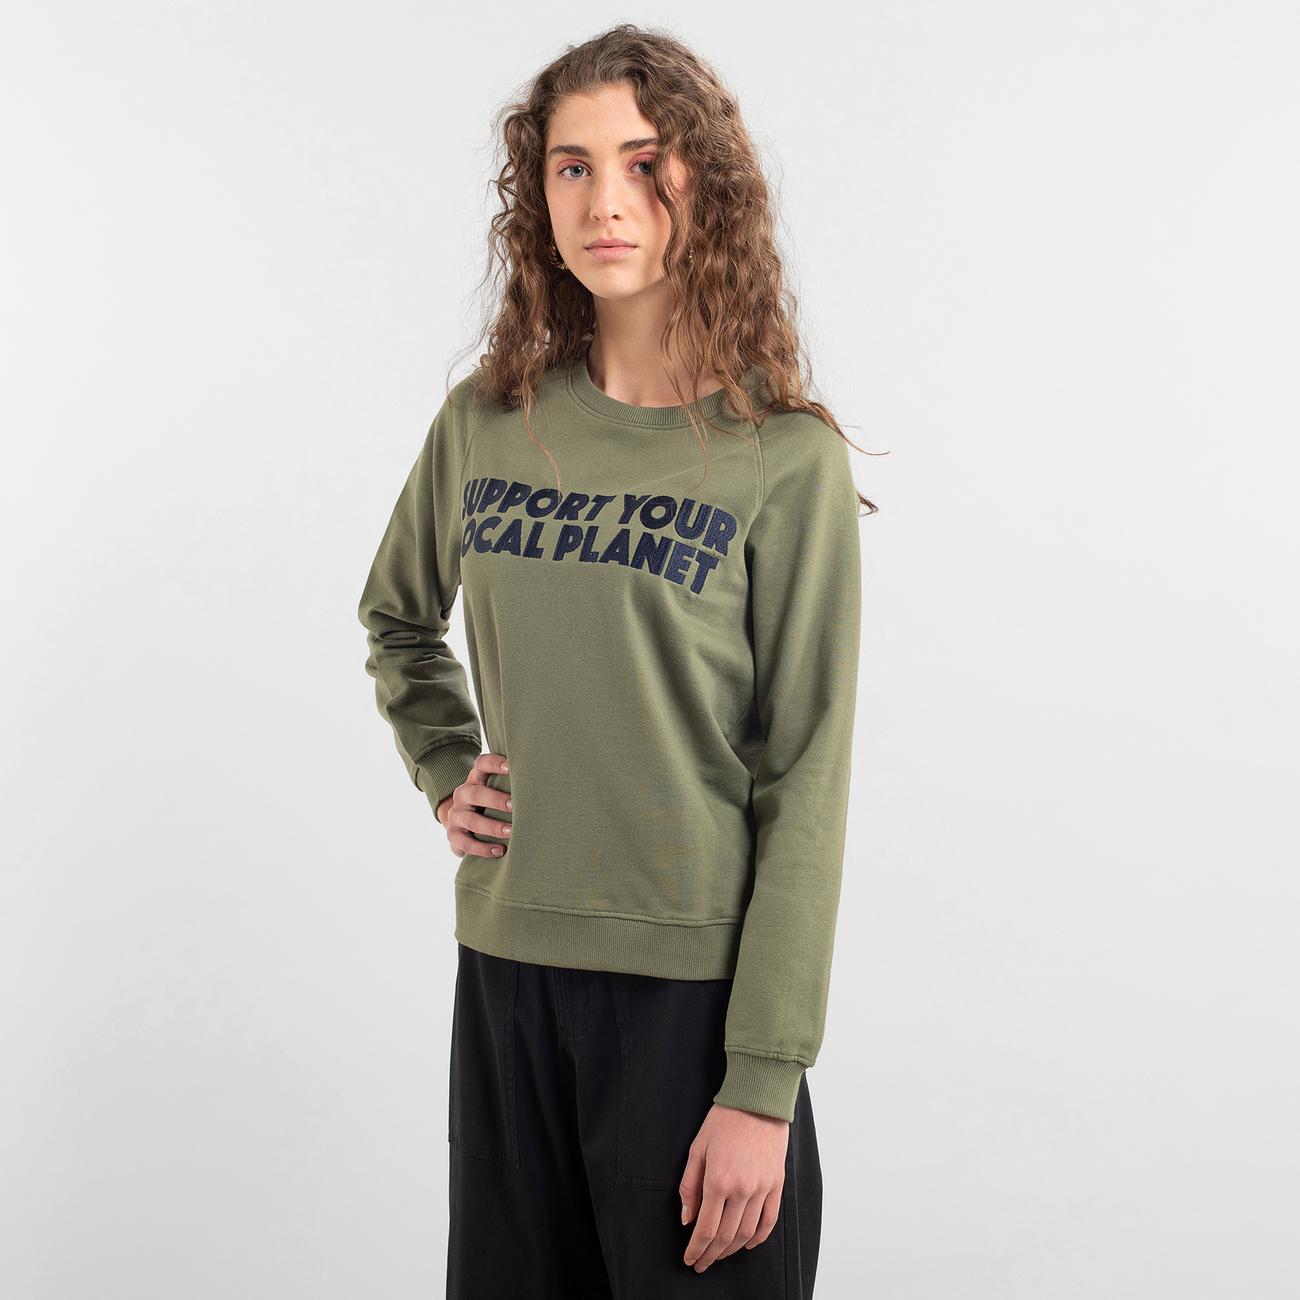 Sweatshirt Ystad Raglan Bold Support